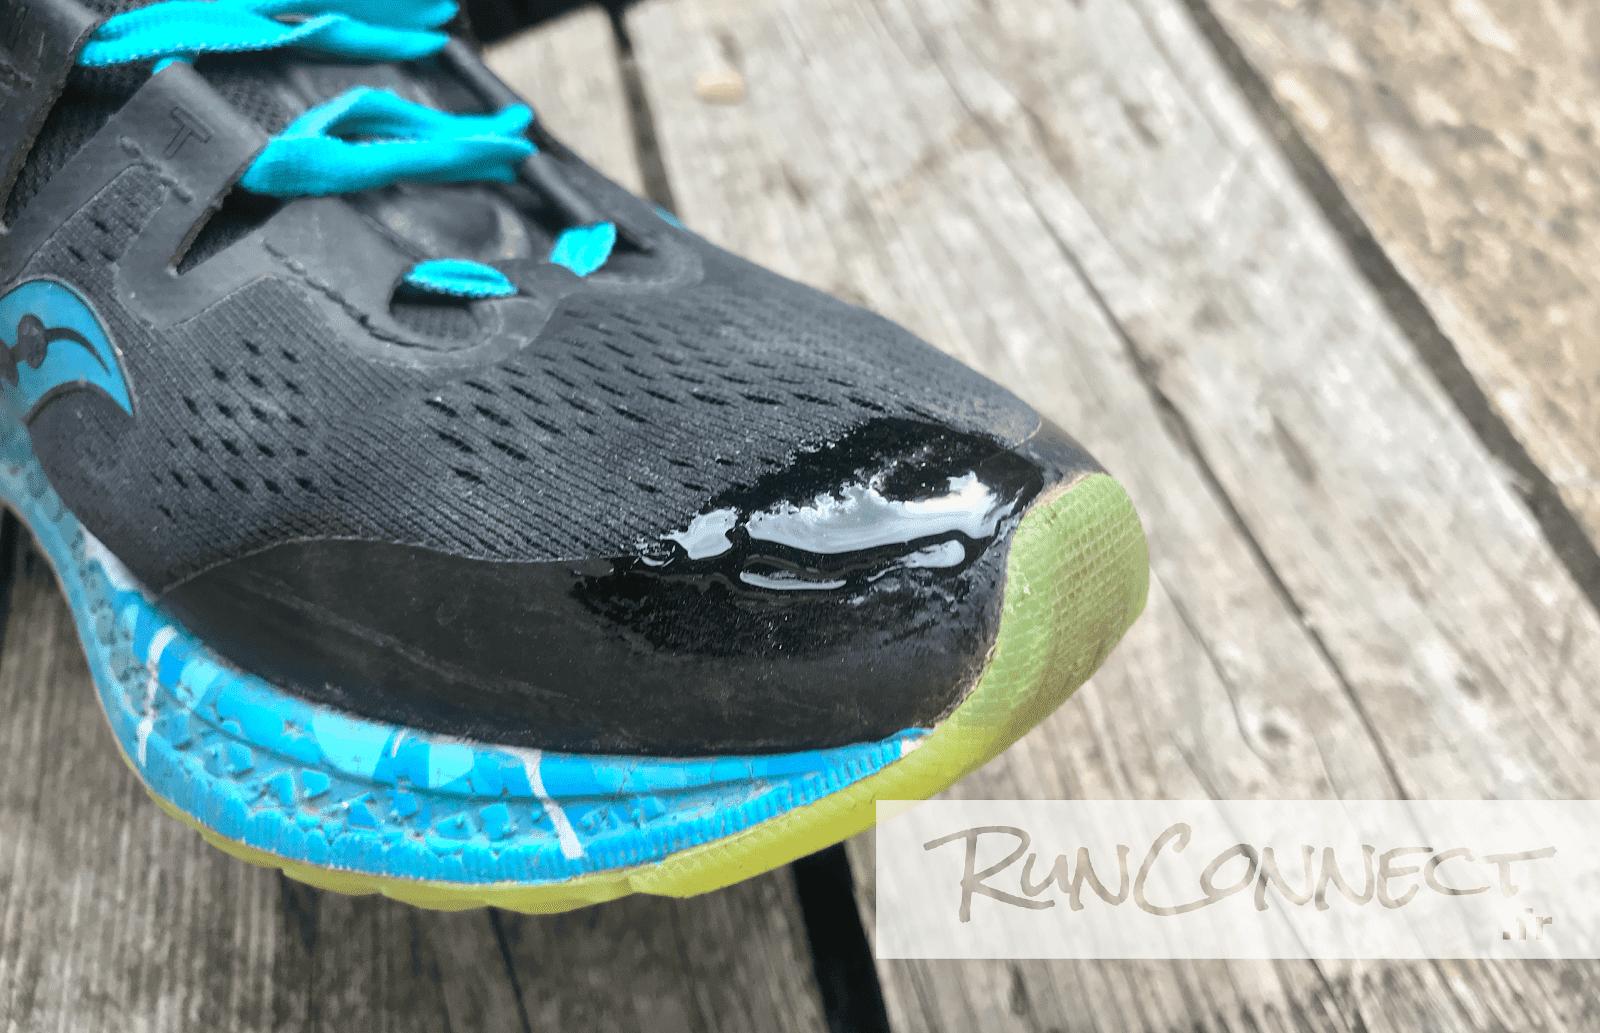 Avec Chaussure Comment Le Trou Grip Running De Réparer Seam D'une bgvYf76y